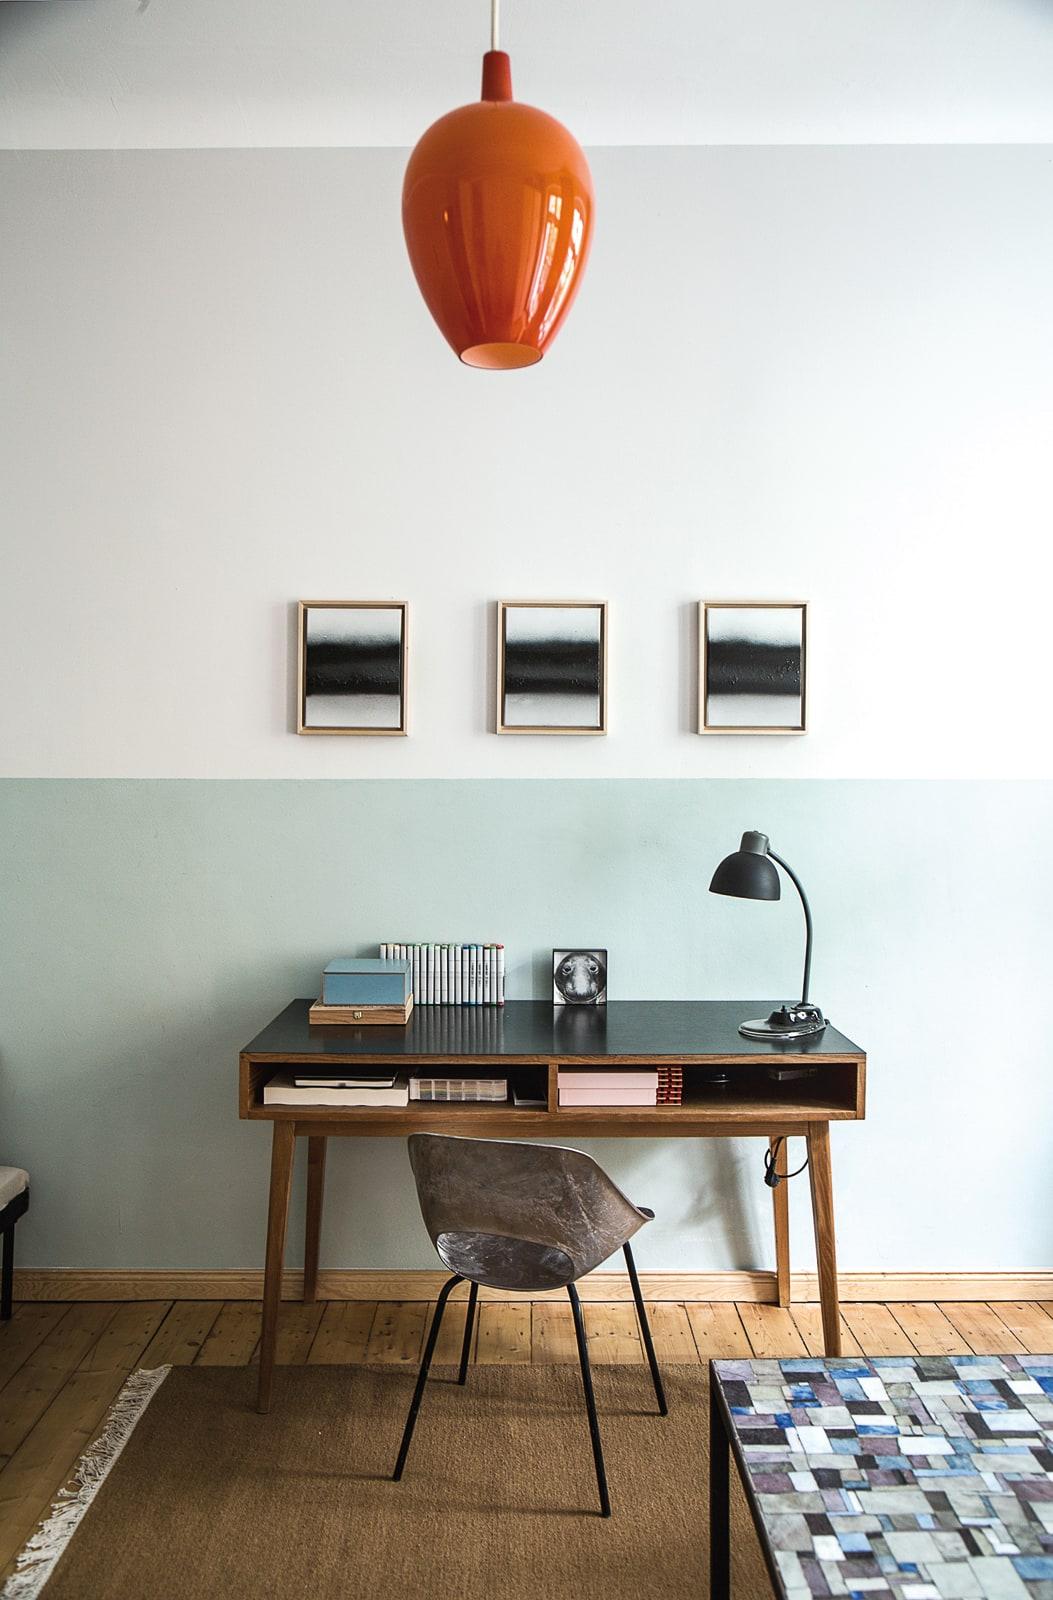 zementfliesen-terrazzofliesen-kreidefarbe-meerschaum-terrazzo-fugenlos-viaplatten-foto-vintagency | Kreidefarbe Meerschaum 60 ml